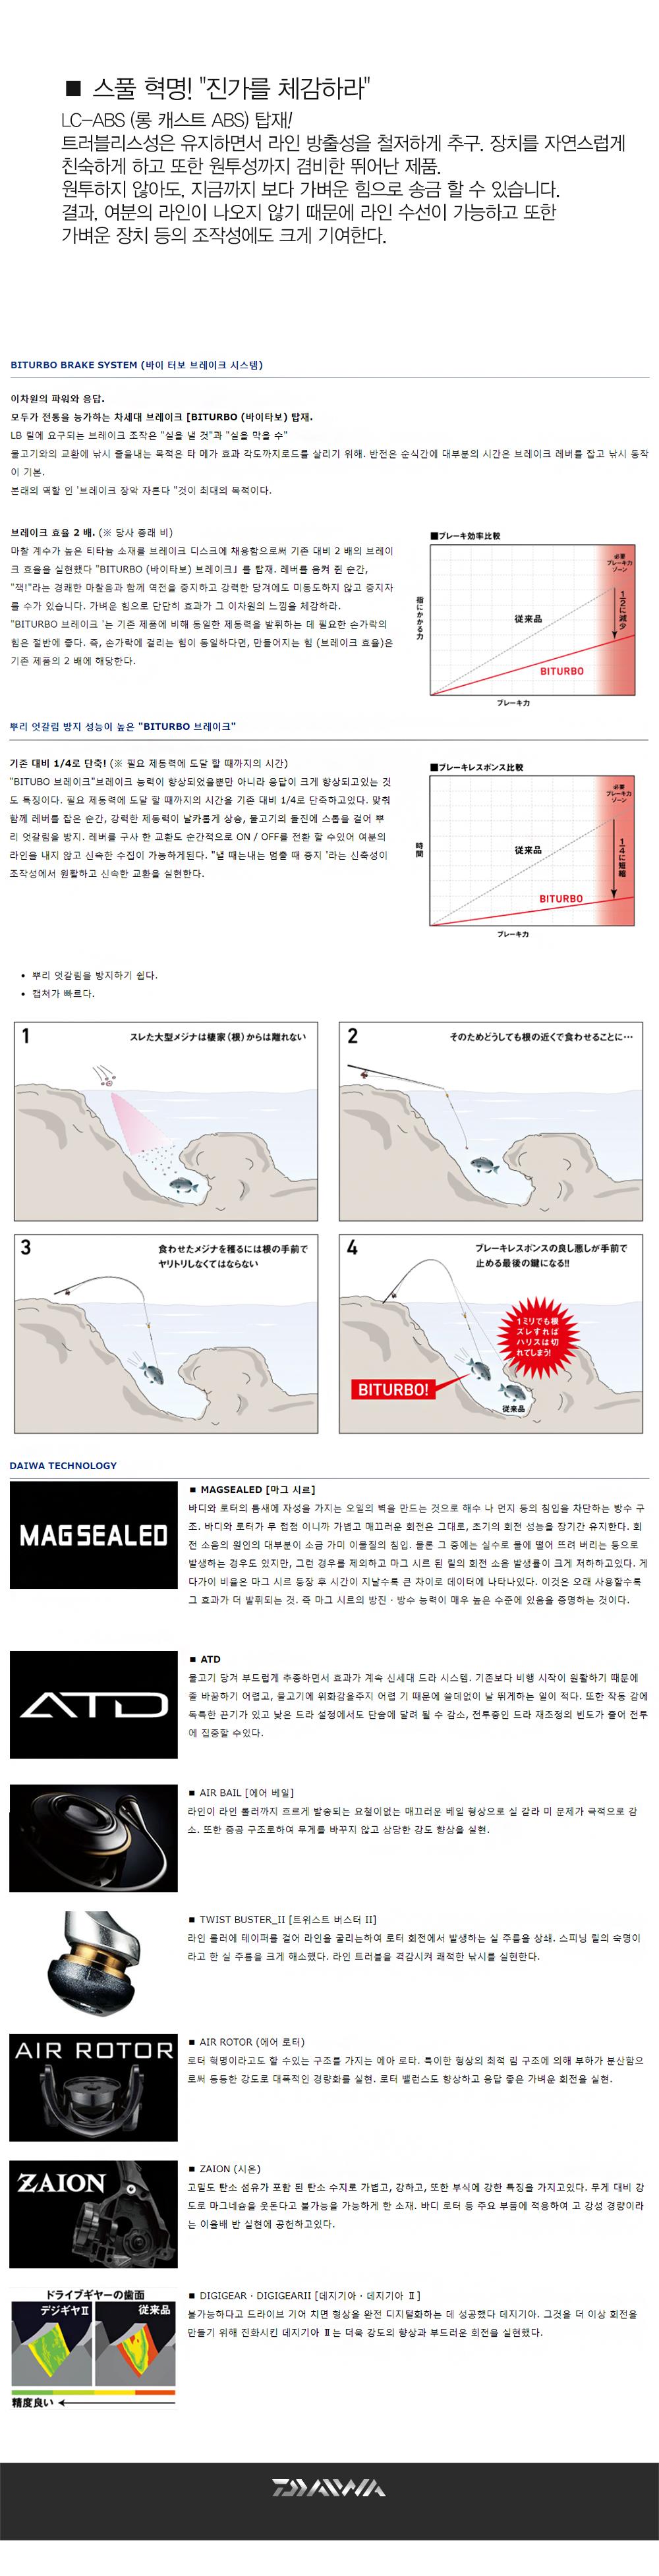 다이와 19 락서스 LBD 갯바위 낚시 브레이크릴 한국다이와정품 다이와릴 감성돔릴 갯바위릴